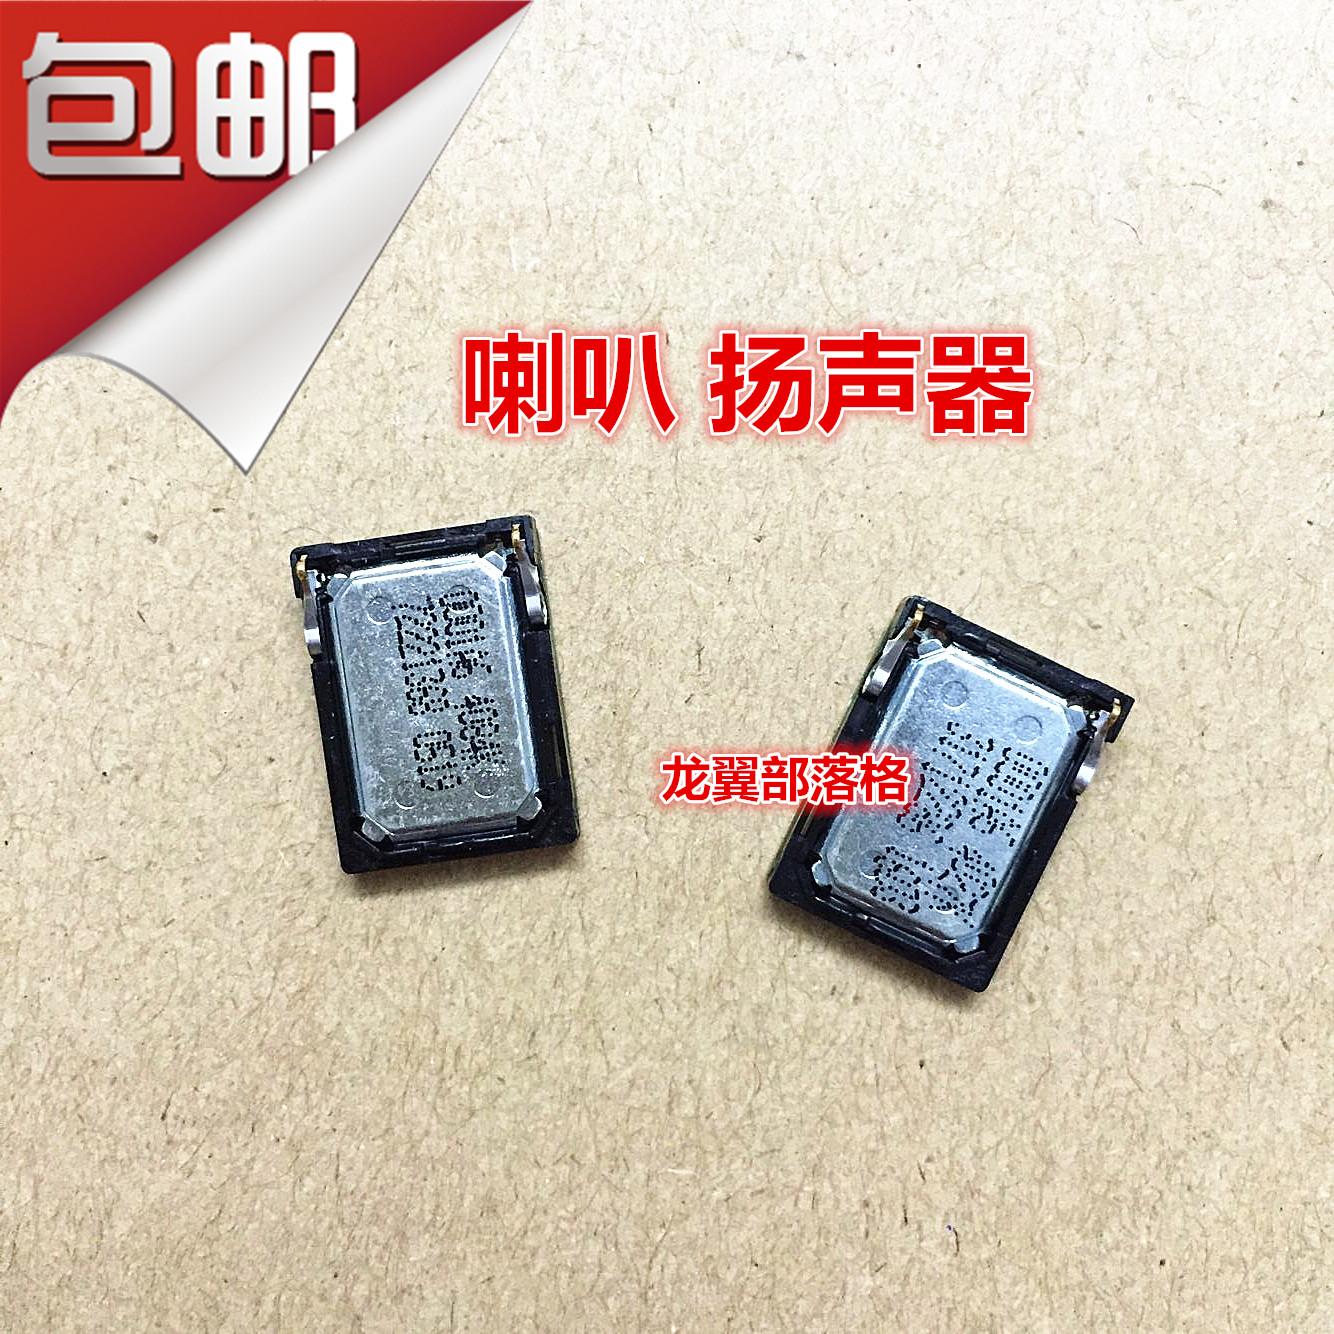 适用 金立 GN5001S GN5001 F105 GN5005L 金刚 F103 喇叭 扬声器